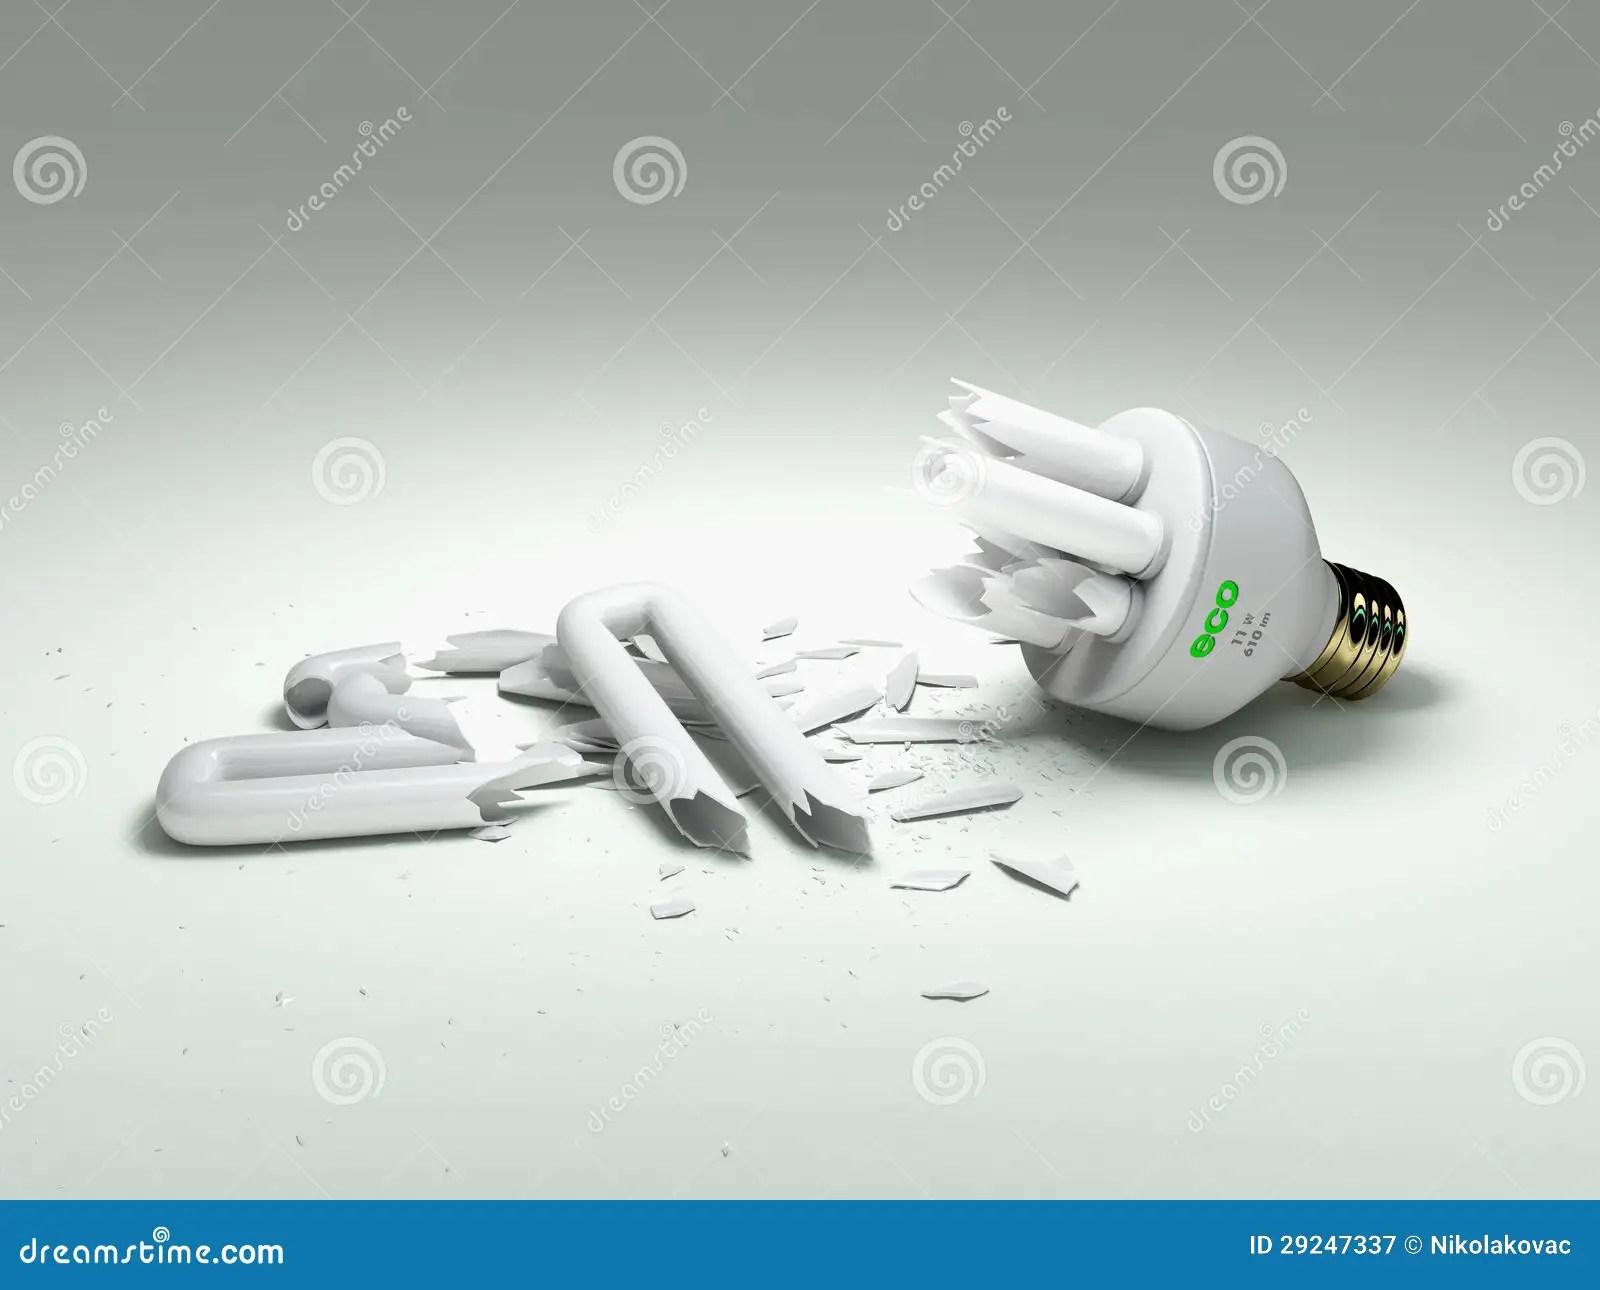 Broken Fluorescent Light Bulb Disposal